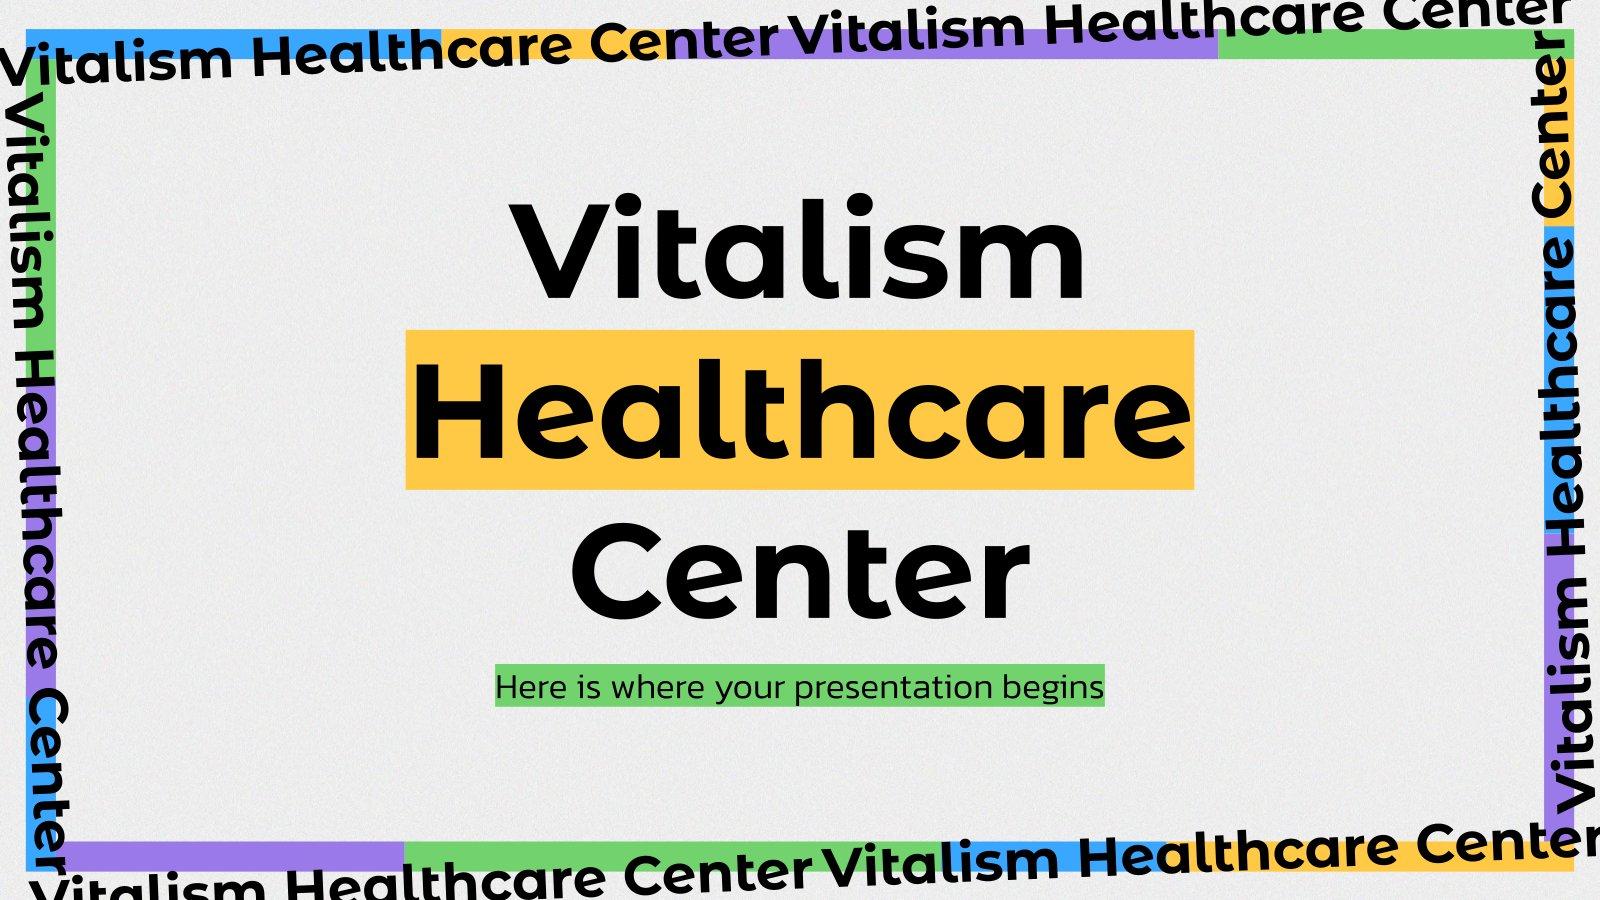 Vitalismus Gesundheitszentrum Präsentationsvorlage